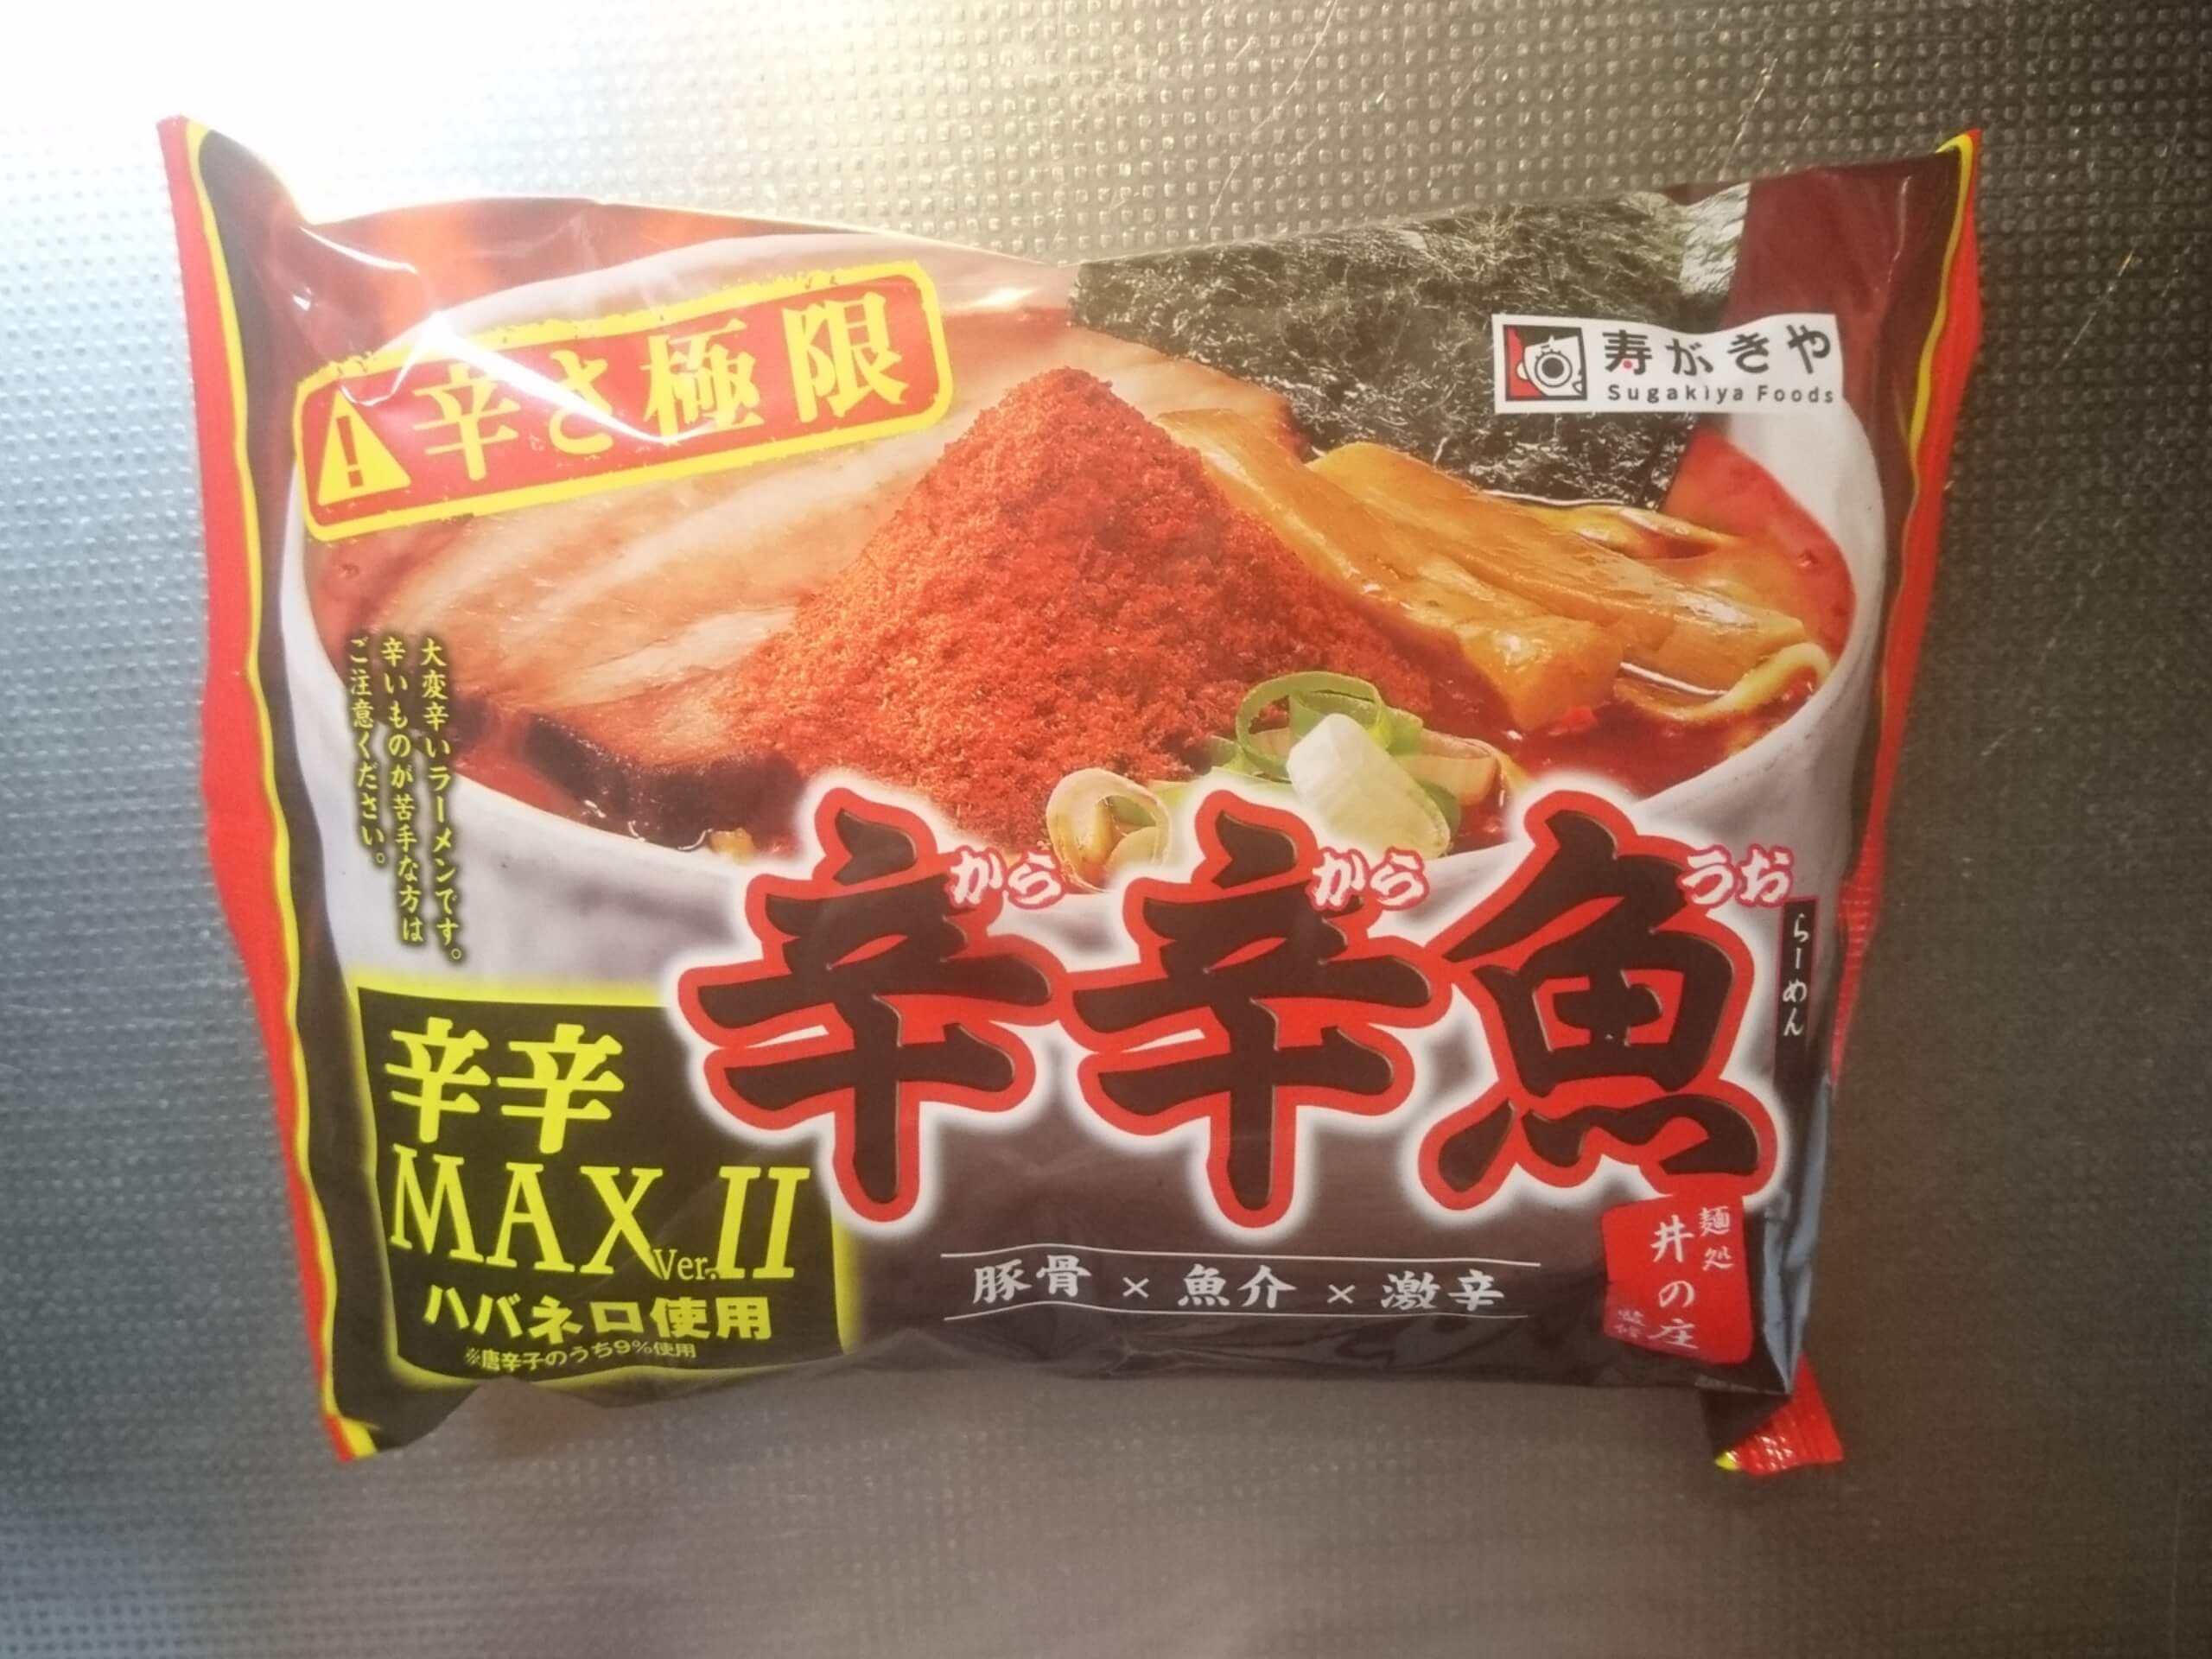 辛辛魚袋麺 MAX2